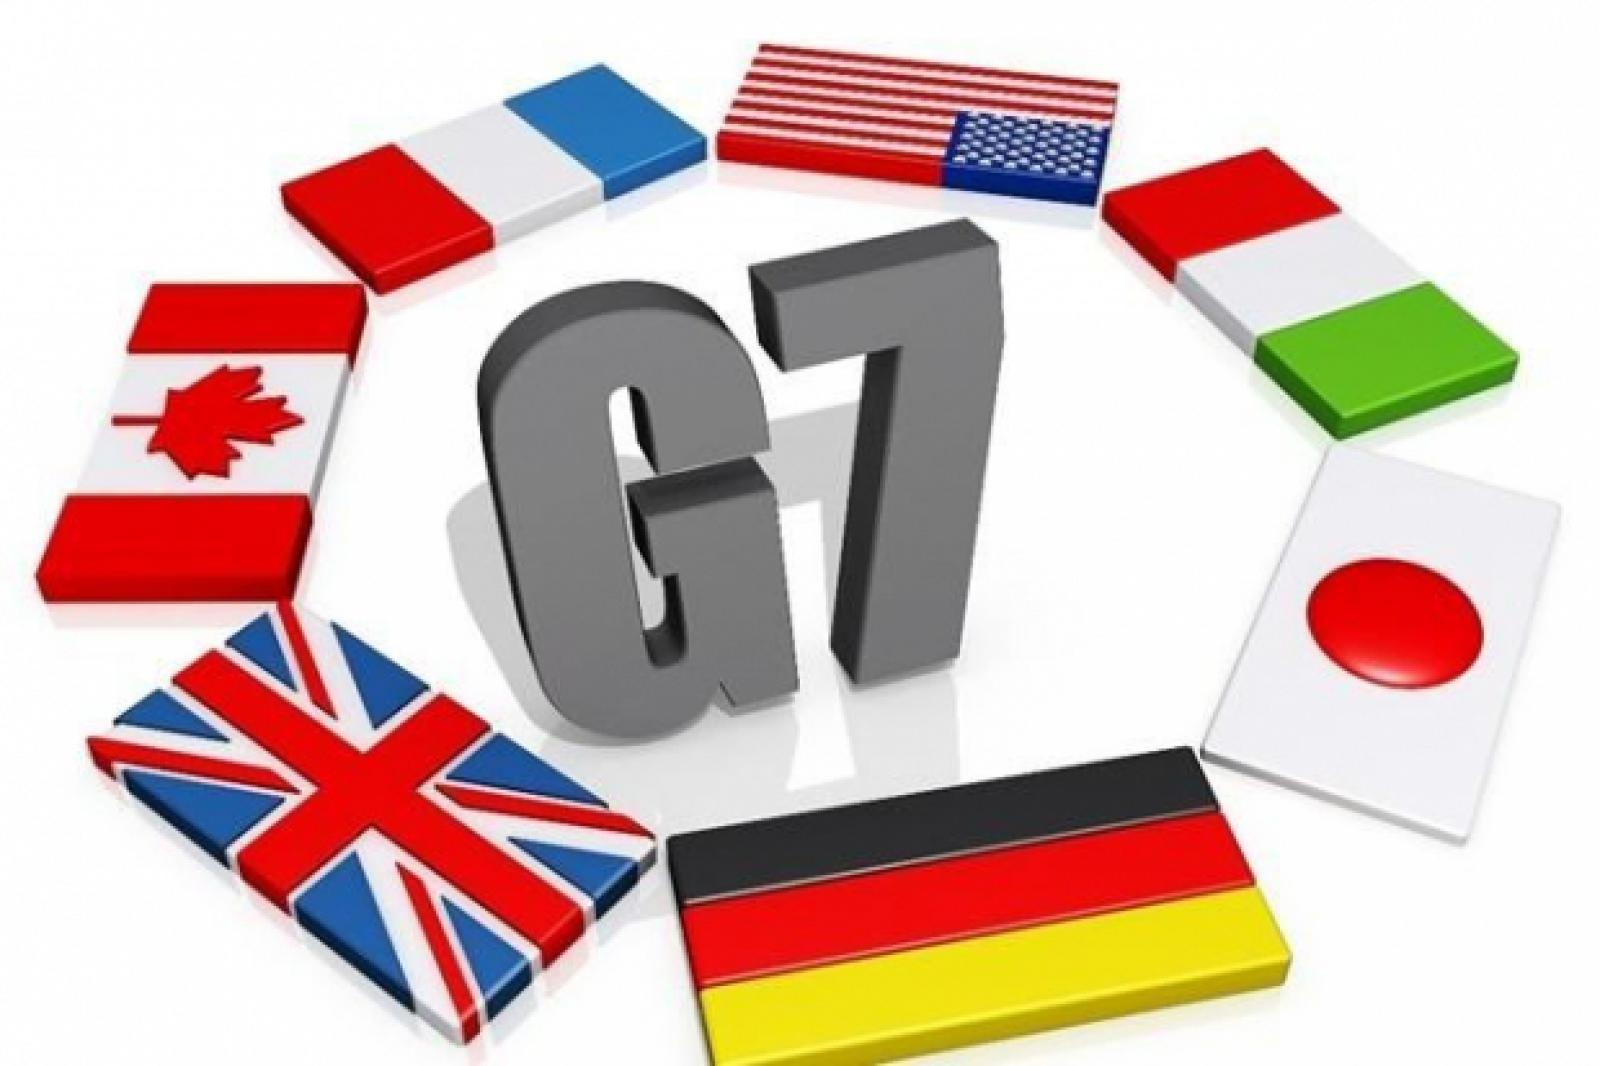 Страны «Большой семерки» сделали совместное заявление по инциденту в Керченском проливе